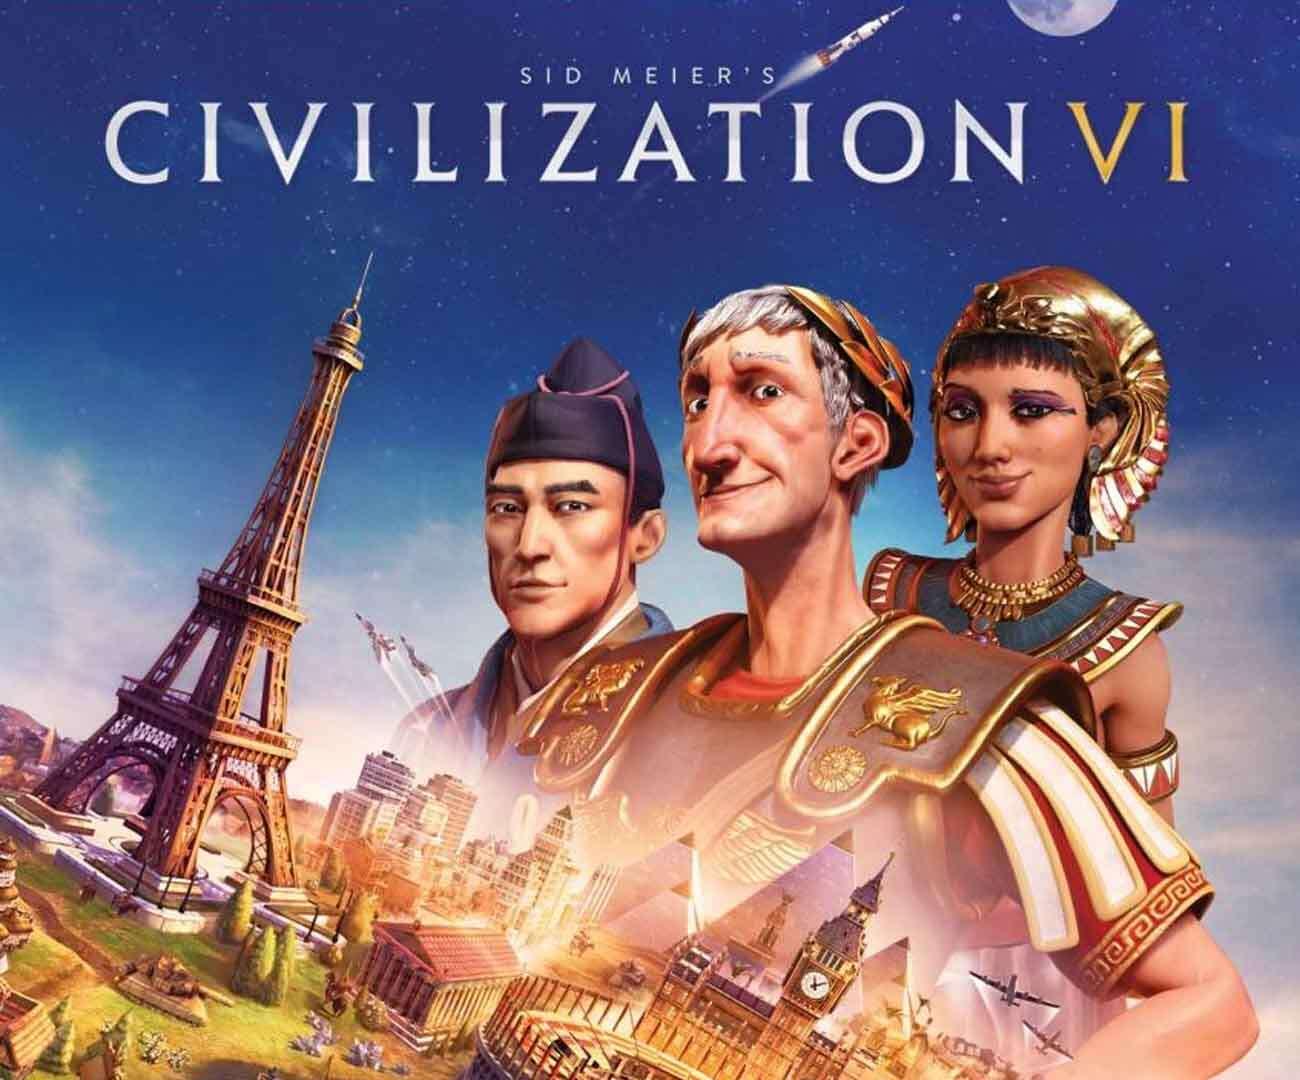 Civilization VI trafia na Androida. Zobaczyłem cenę i  zacząłem krzyczeć